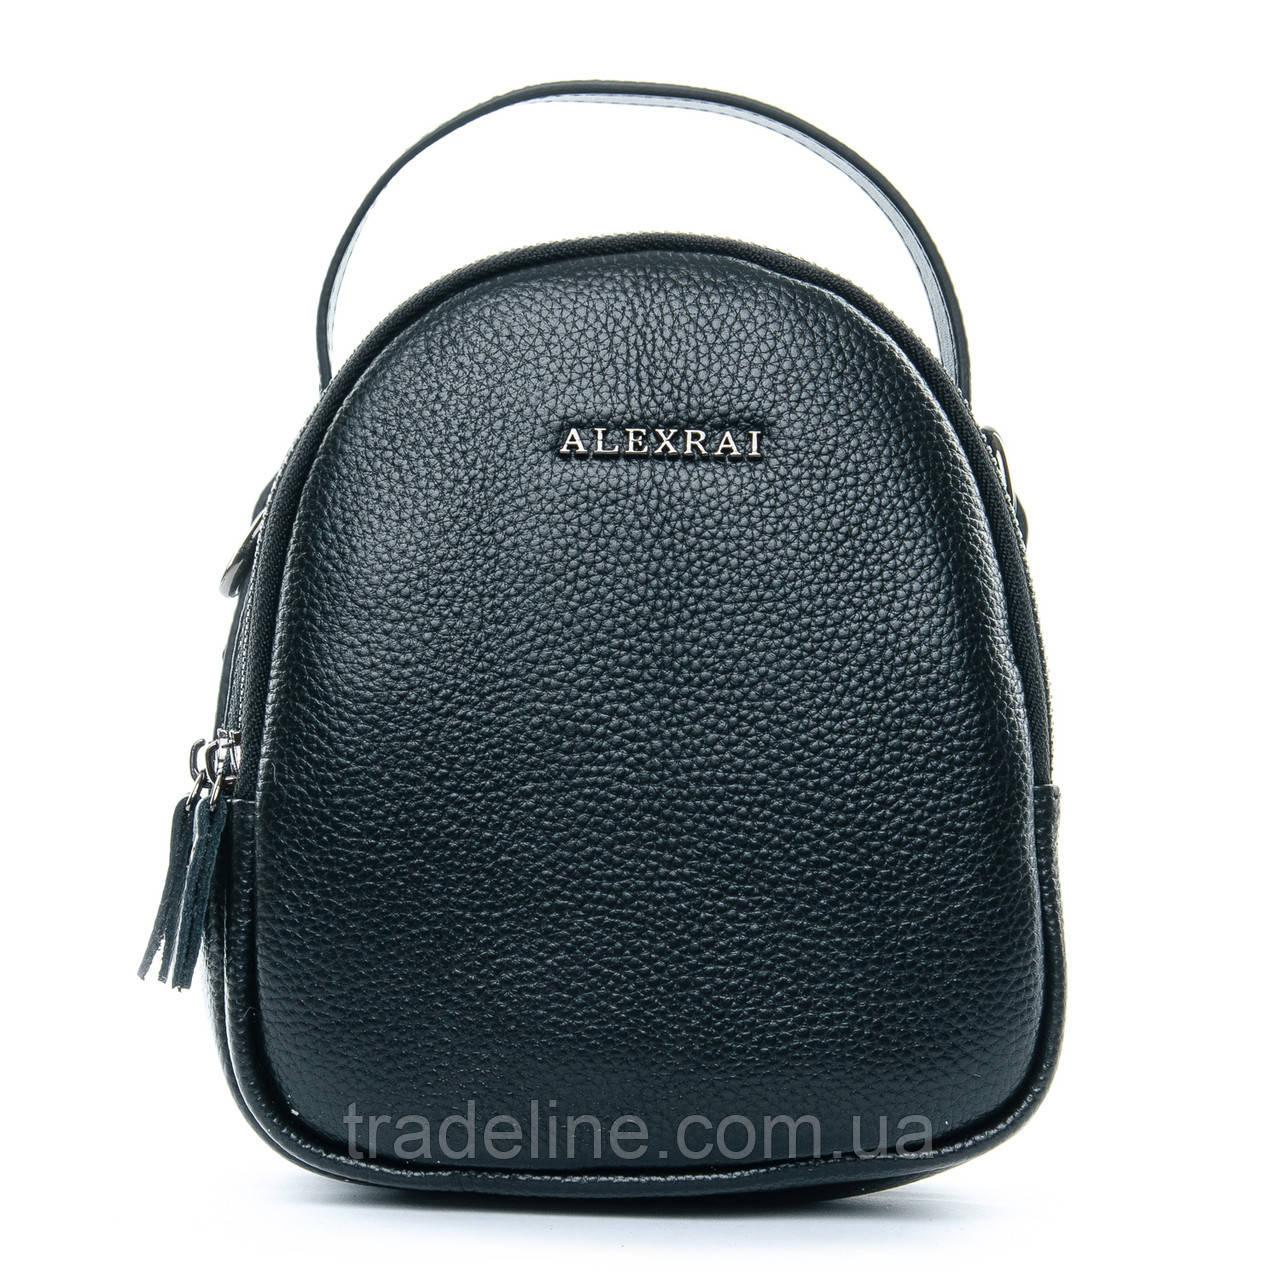 Сумка Жіноча Клатч шкіра ALEX RAI 1-02 3902-1 black